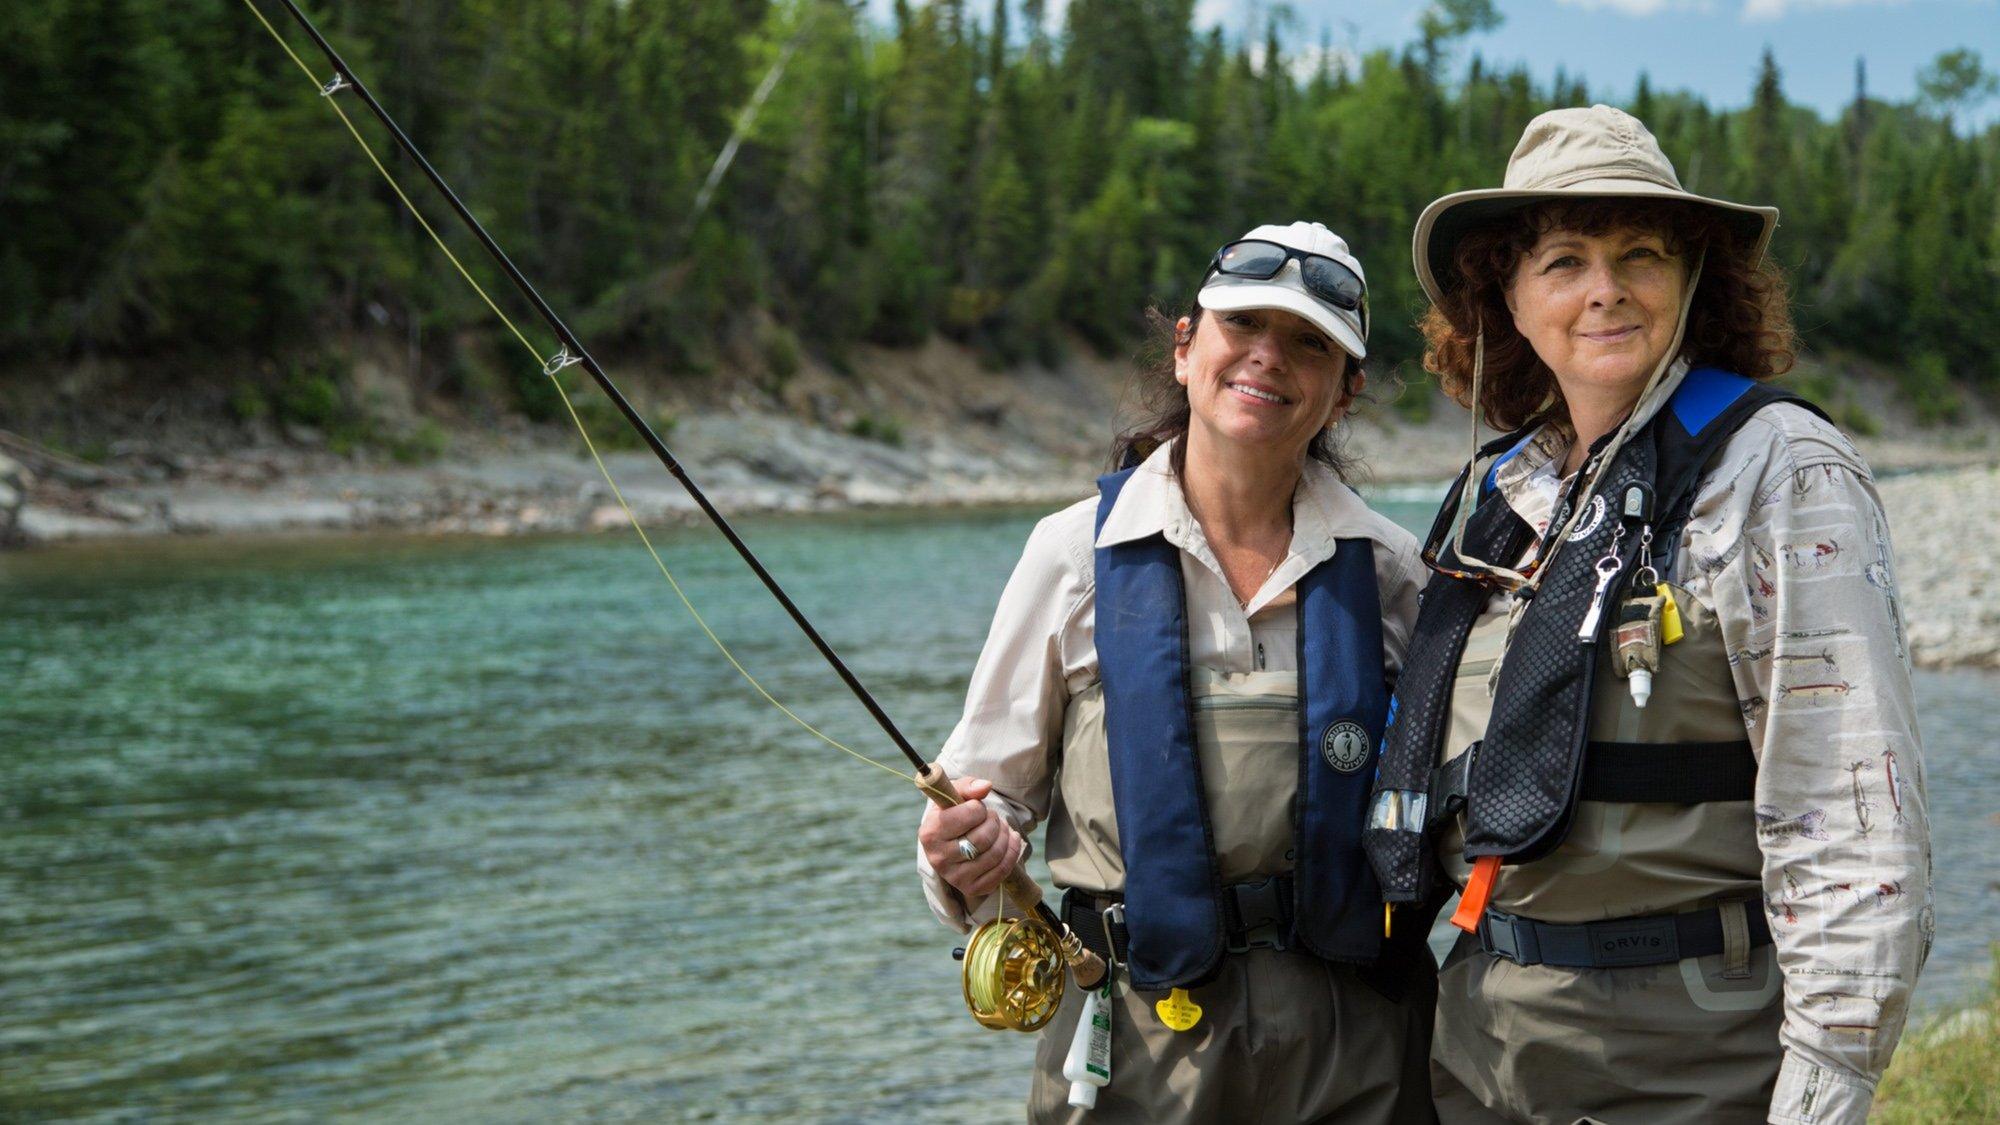 Elles pêchent avec Louise Laparé et Suzanne Beaudet sur Unis